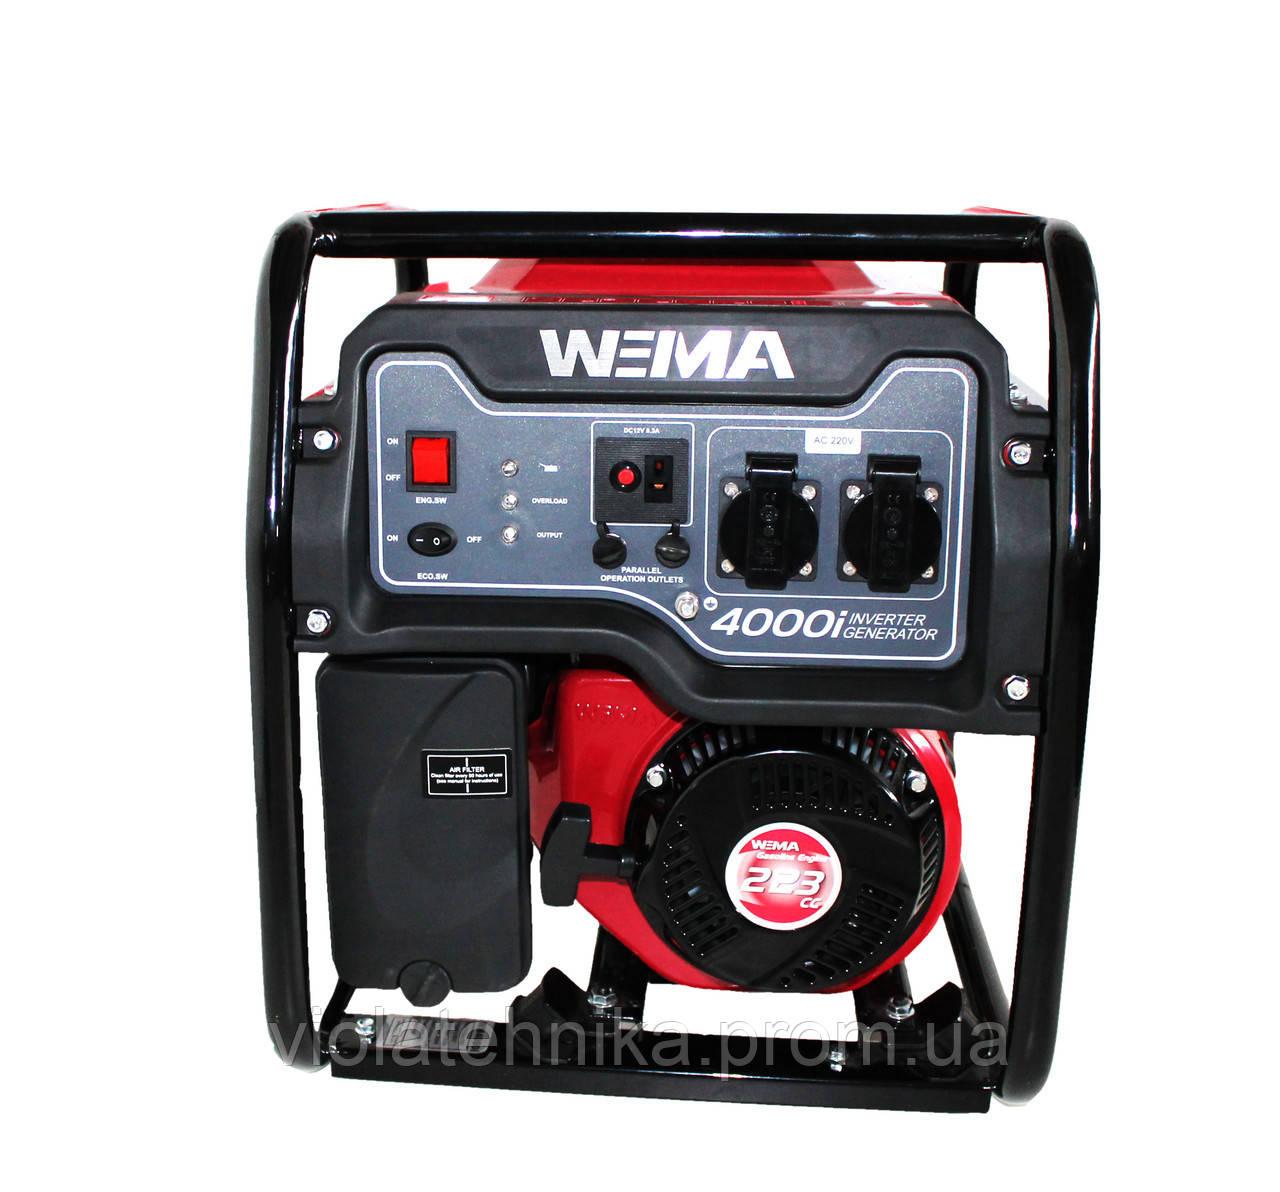 Генератор бензиновый инверторный WEIMA WM4000i (4 кВт, инверторный, 1 фаза, ручной старт)